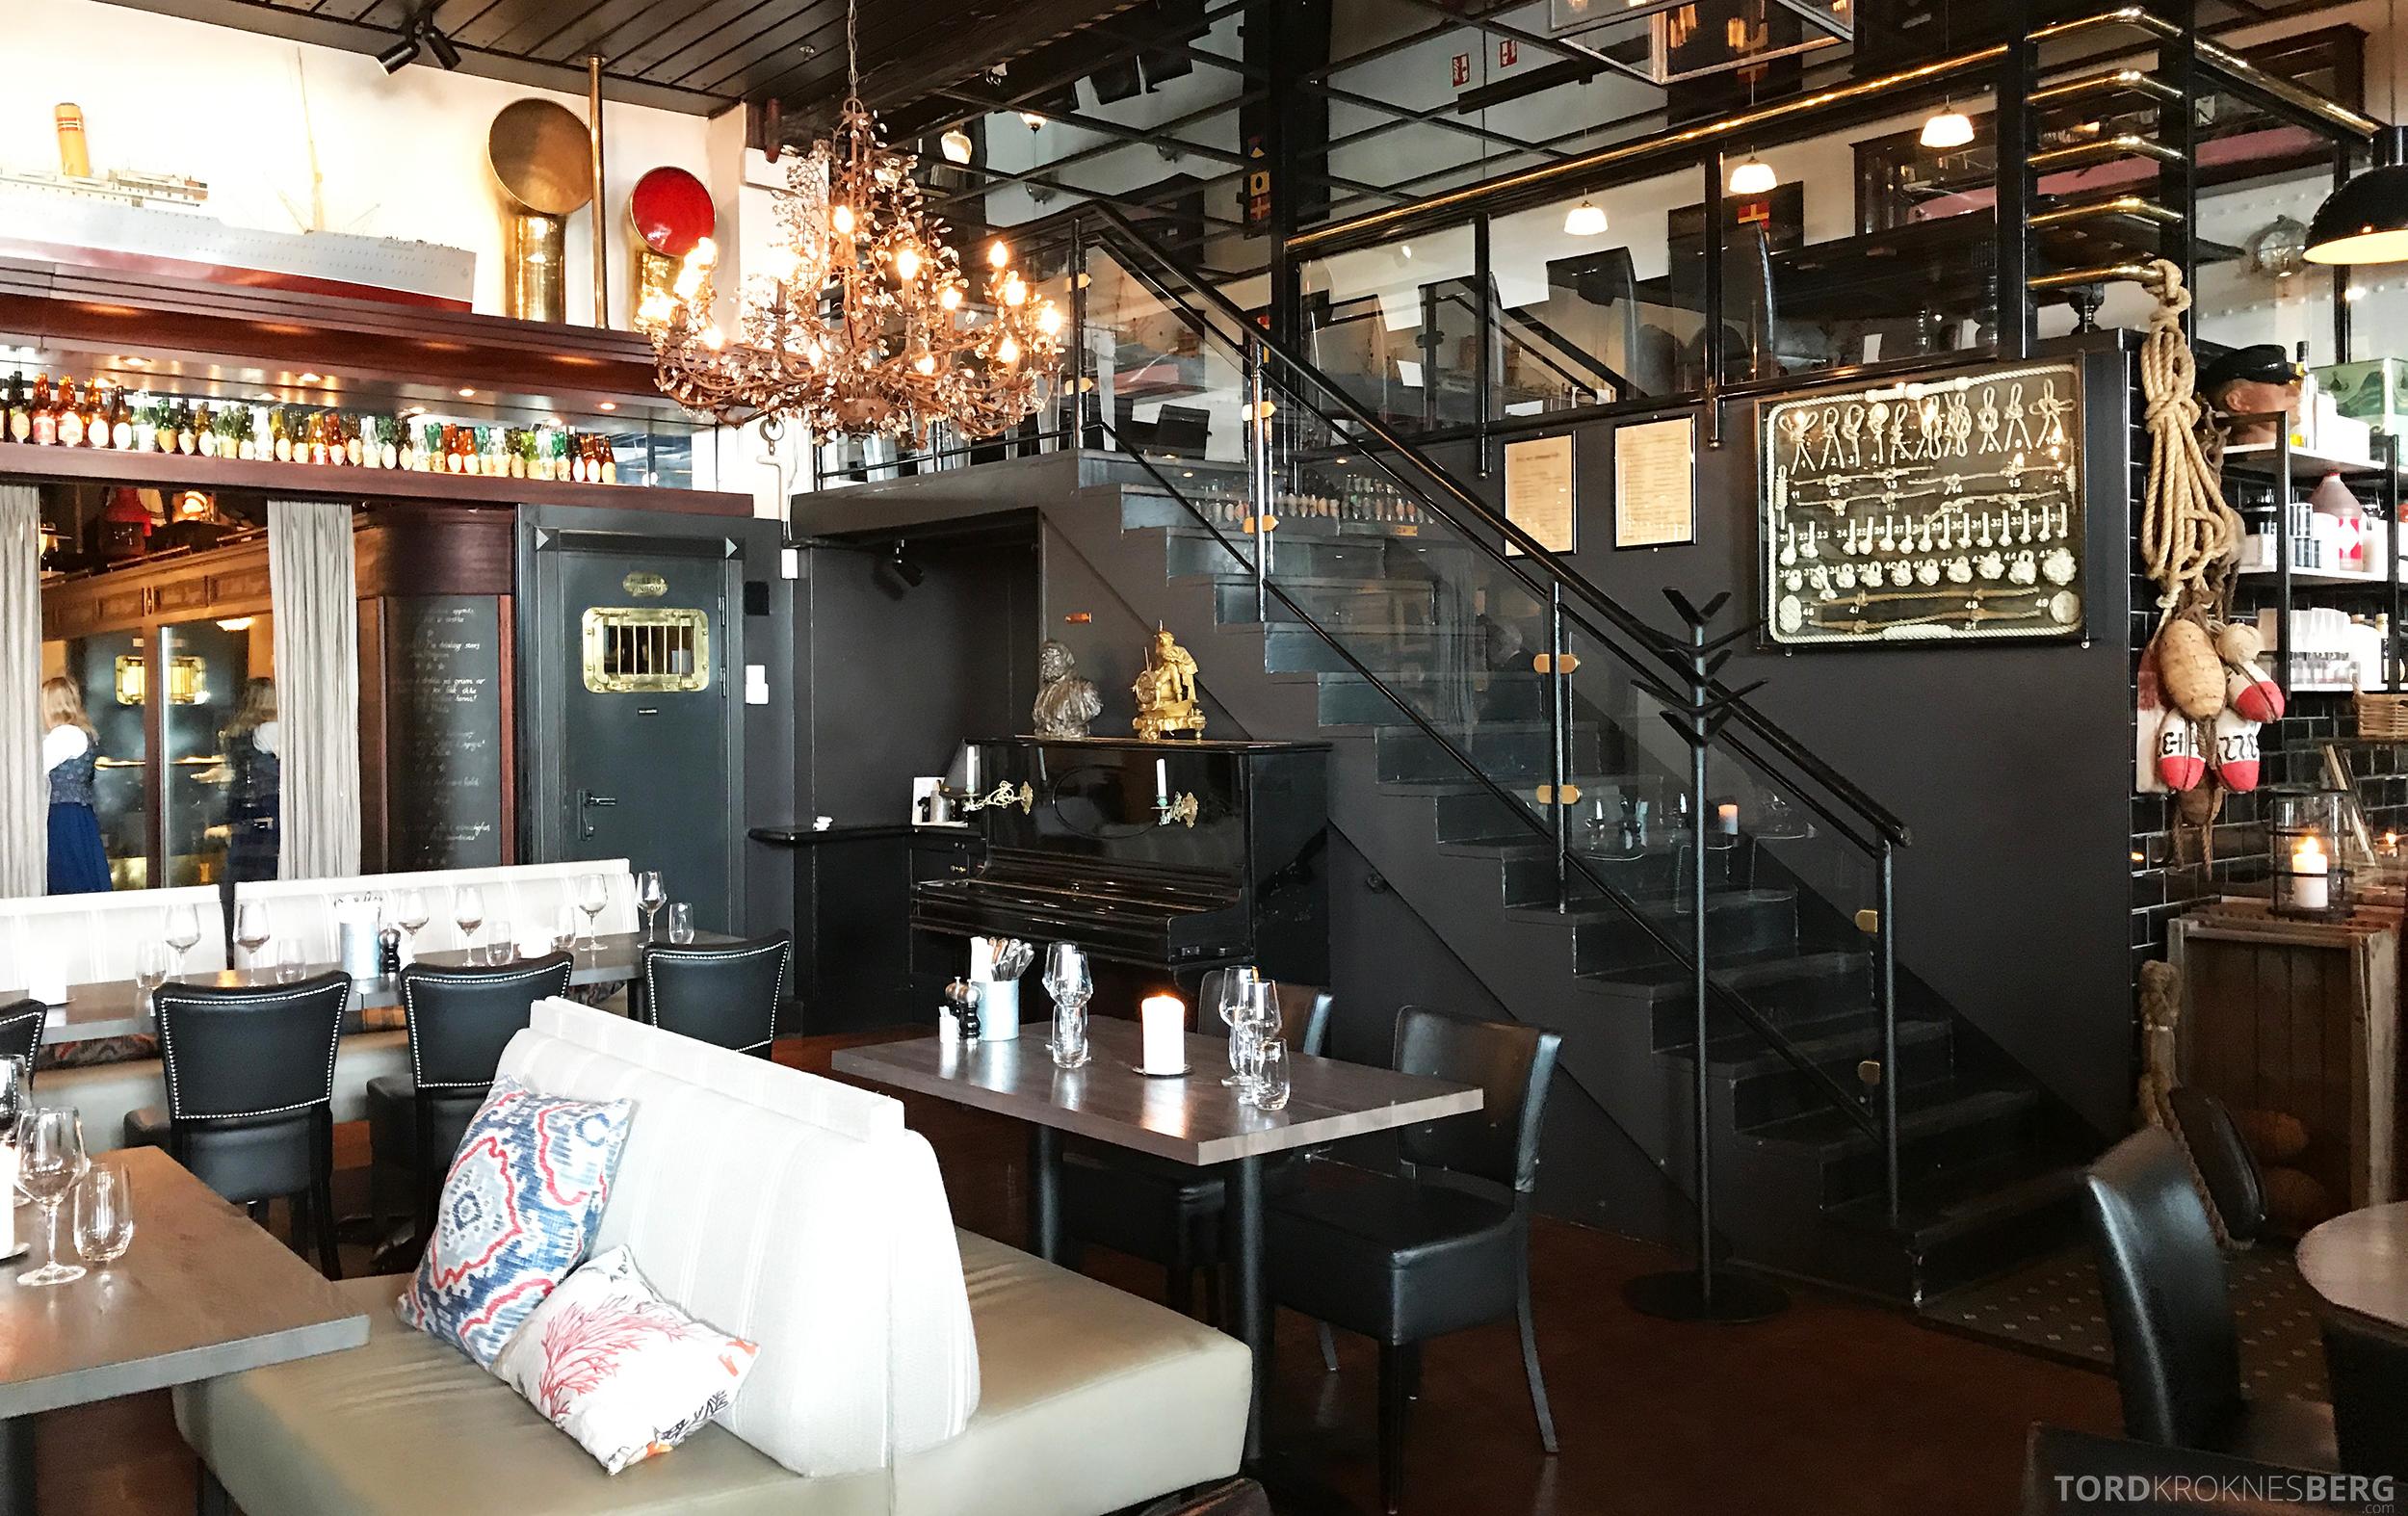 Louise Restaurant Bar Aker Brygge interiør